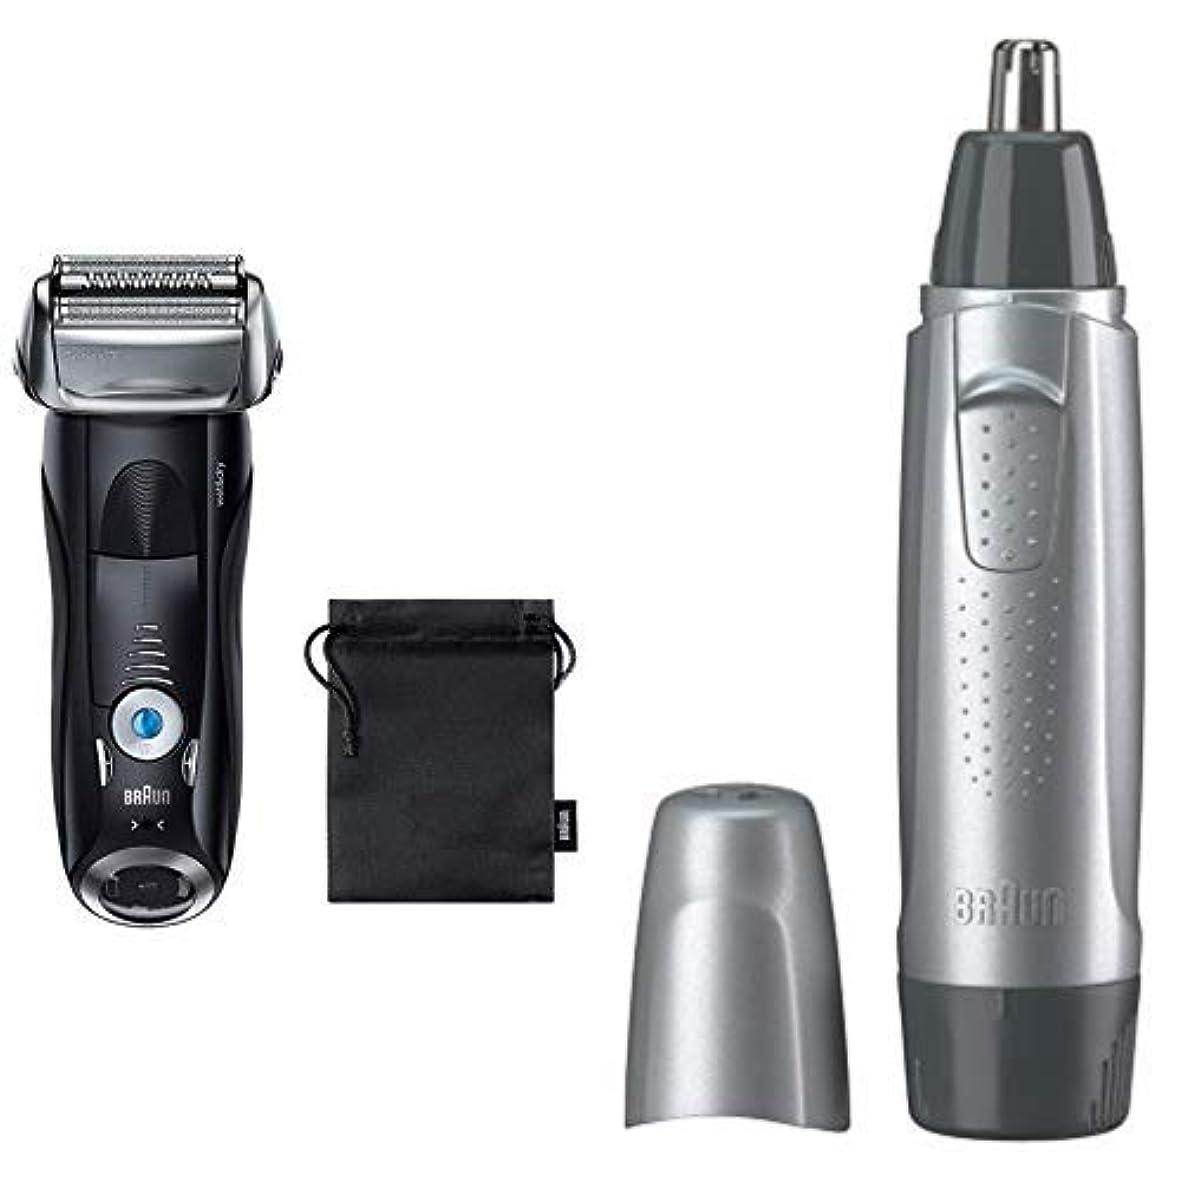 フィットネス生産性男やもめ【セット買い】ブラウン メンズ電気シェーバー シリーズ7 7842s-P + 鼻毛カッター EN10